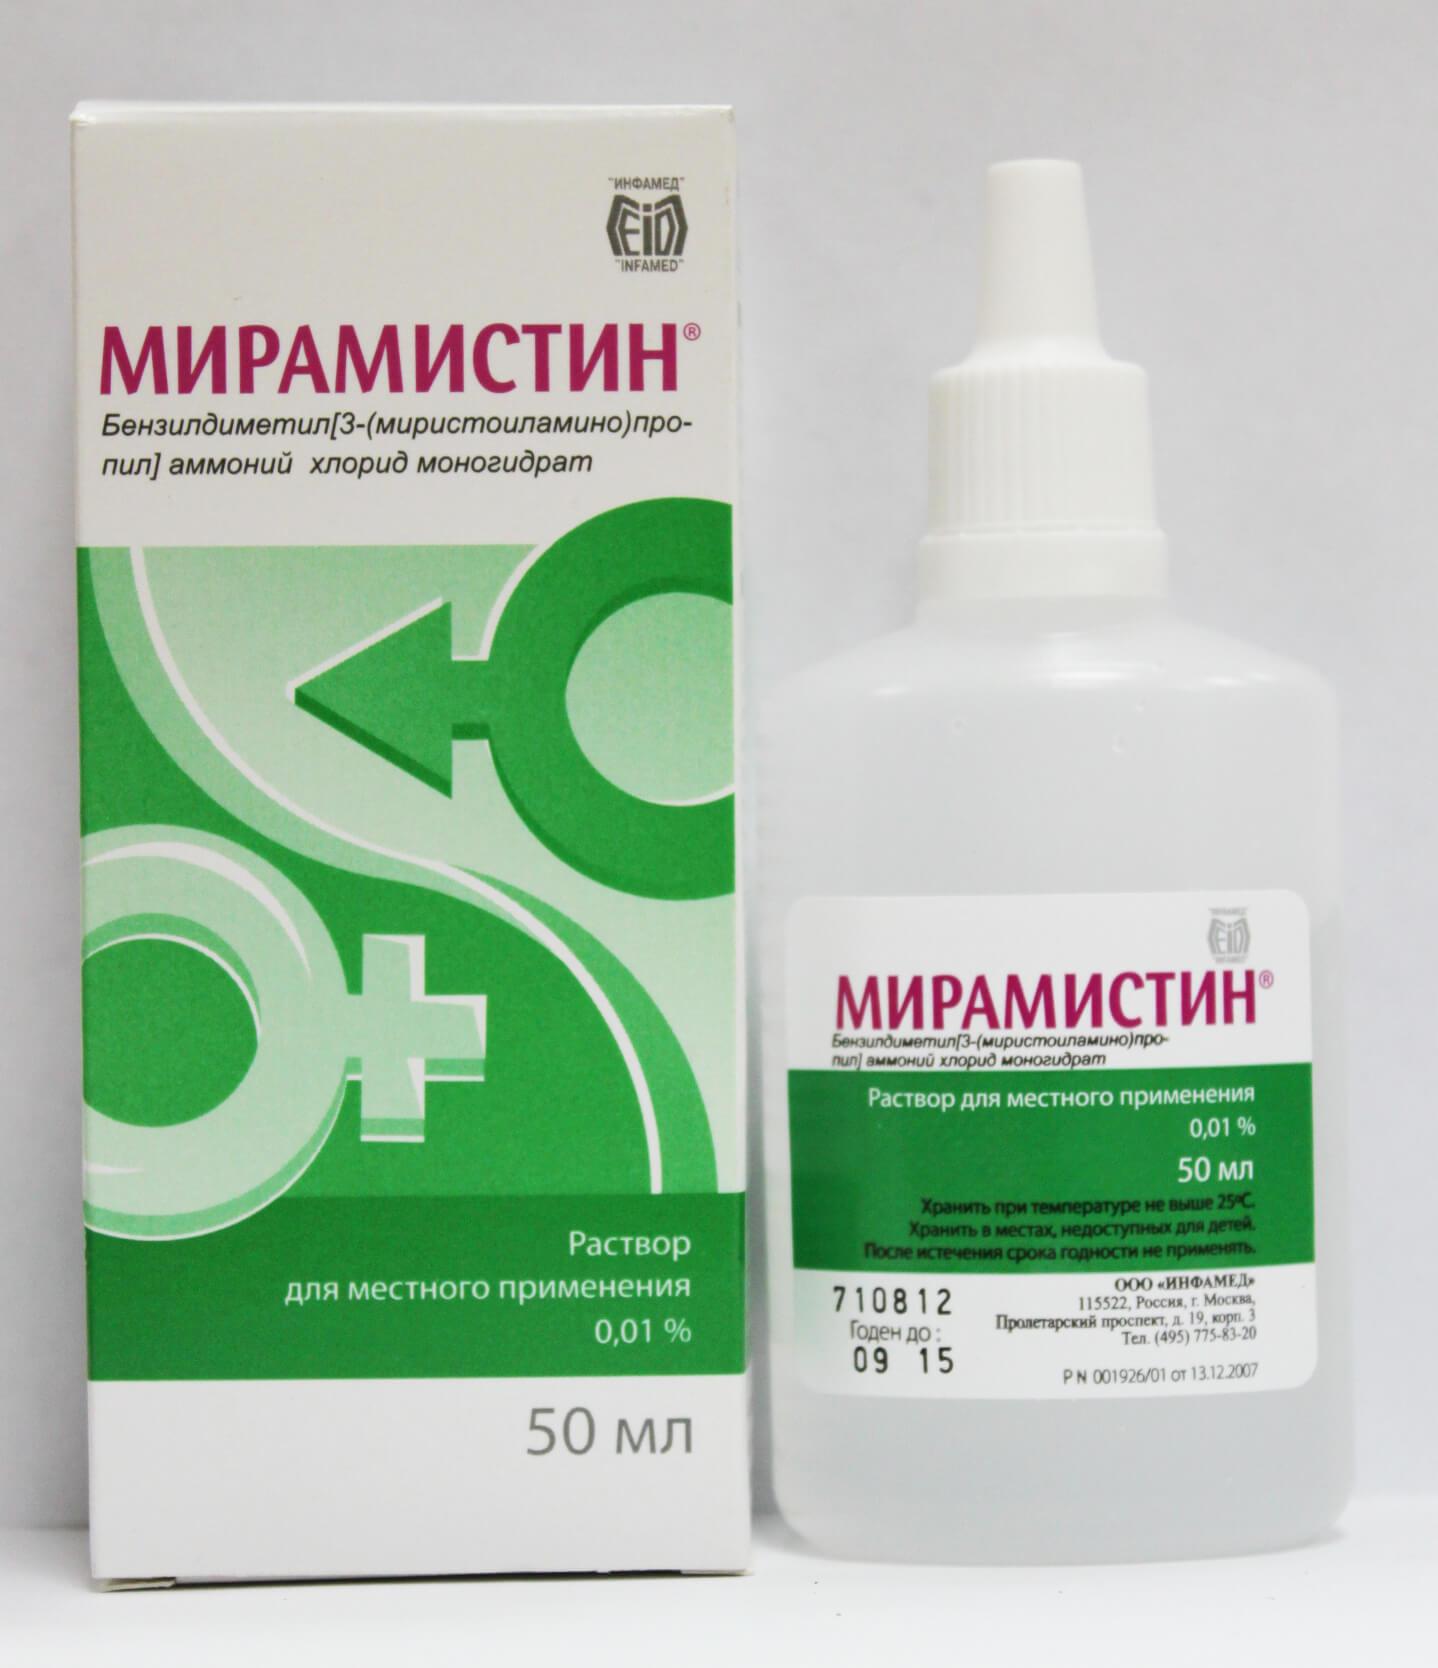 Глазные капли Мирамистин: основные рекомендации и инструкция по применению